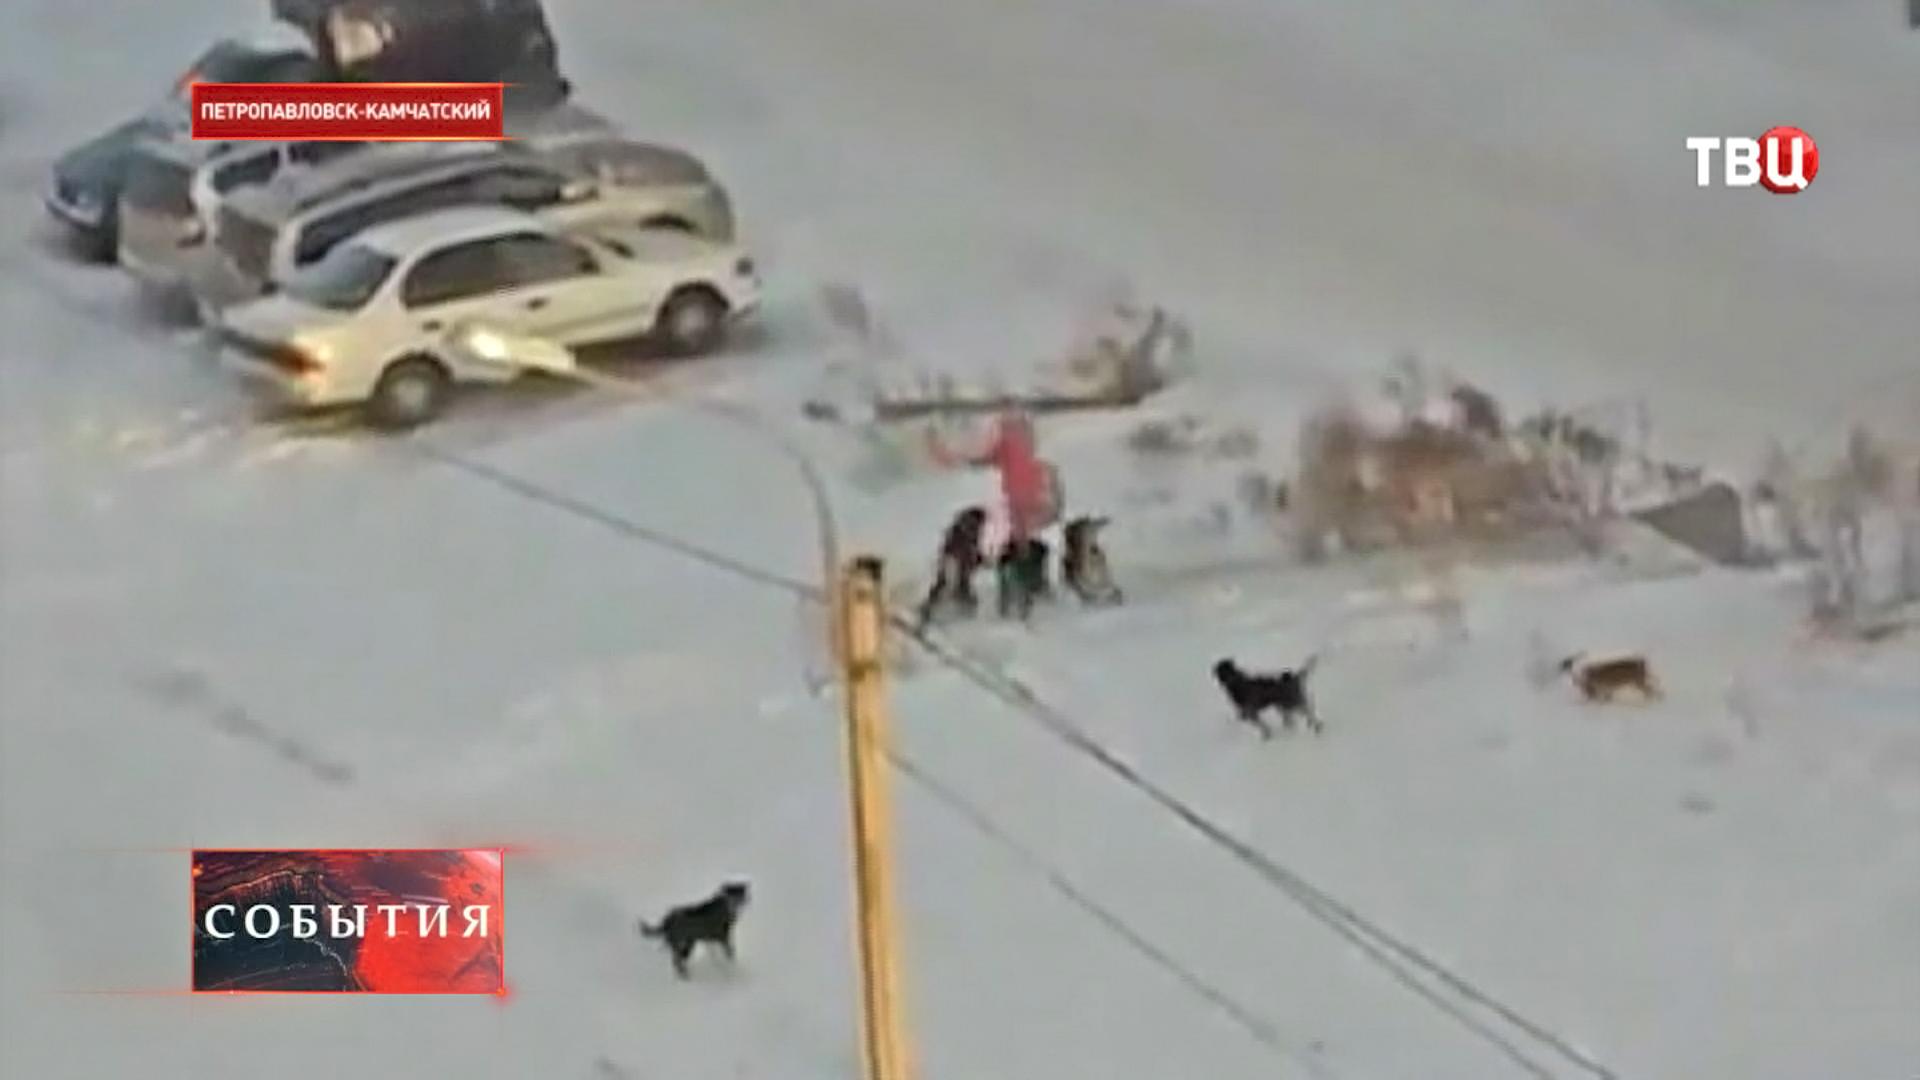 Бездомные собаки нападают на человека